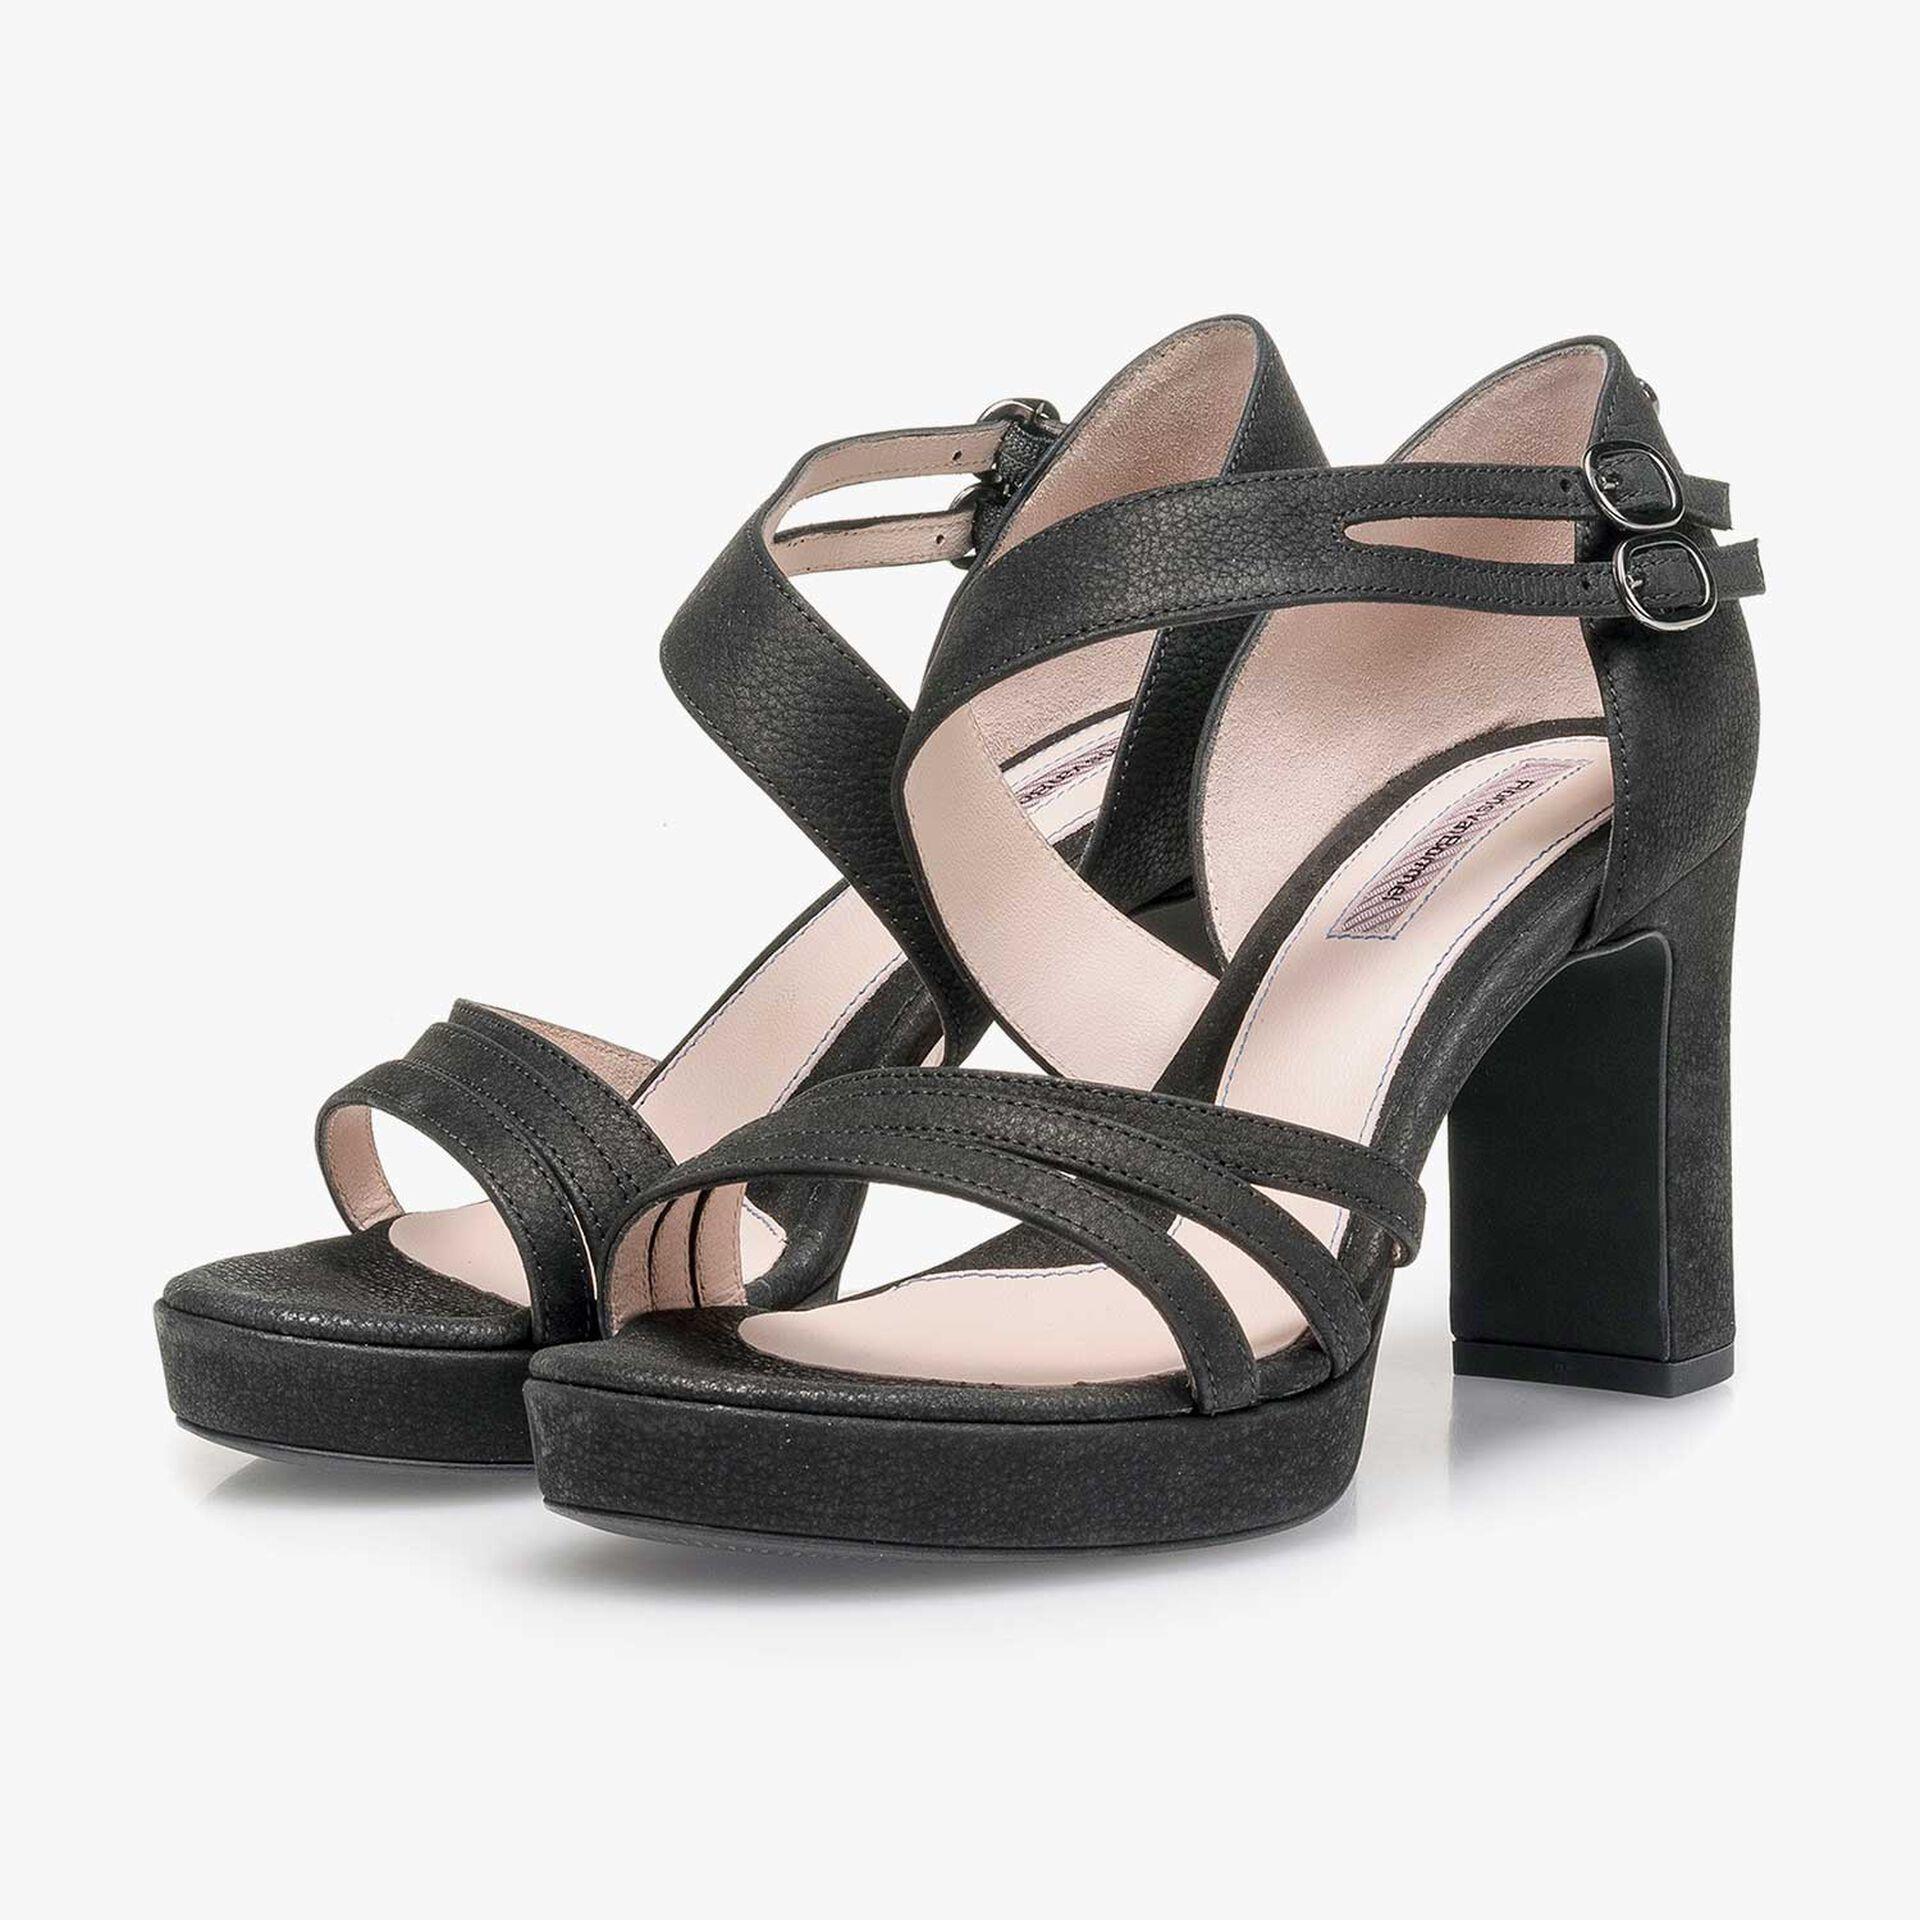 Zwarte nubuckleren sandaal met hak met lichte structuur